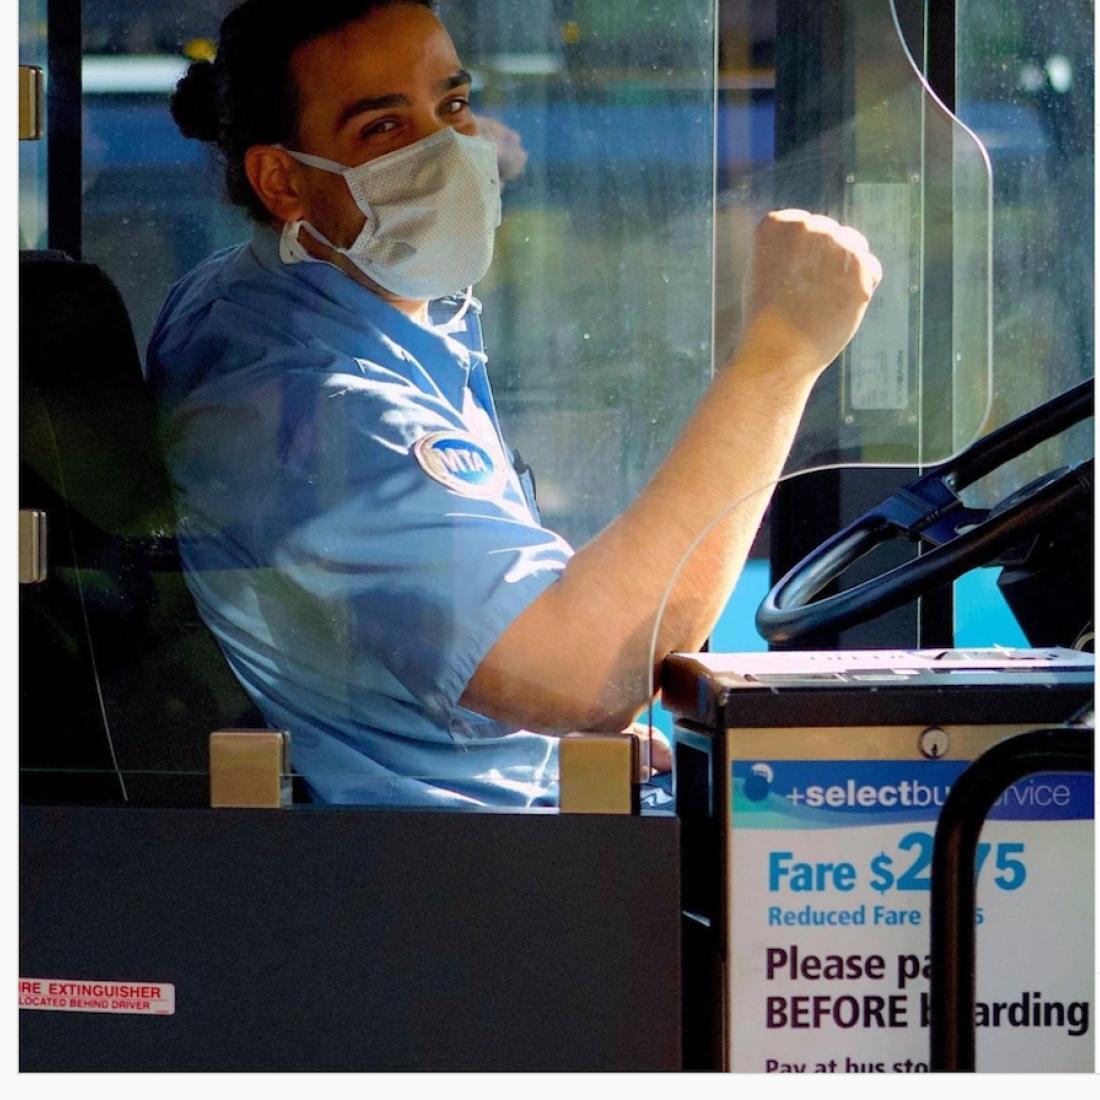 Un chauffeur de bus portant un masque est assis au volant d'un bus, le poing légèrement levé.